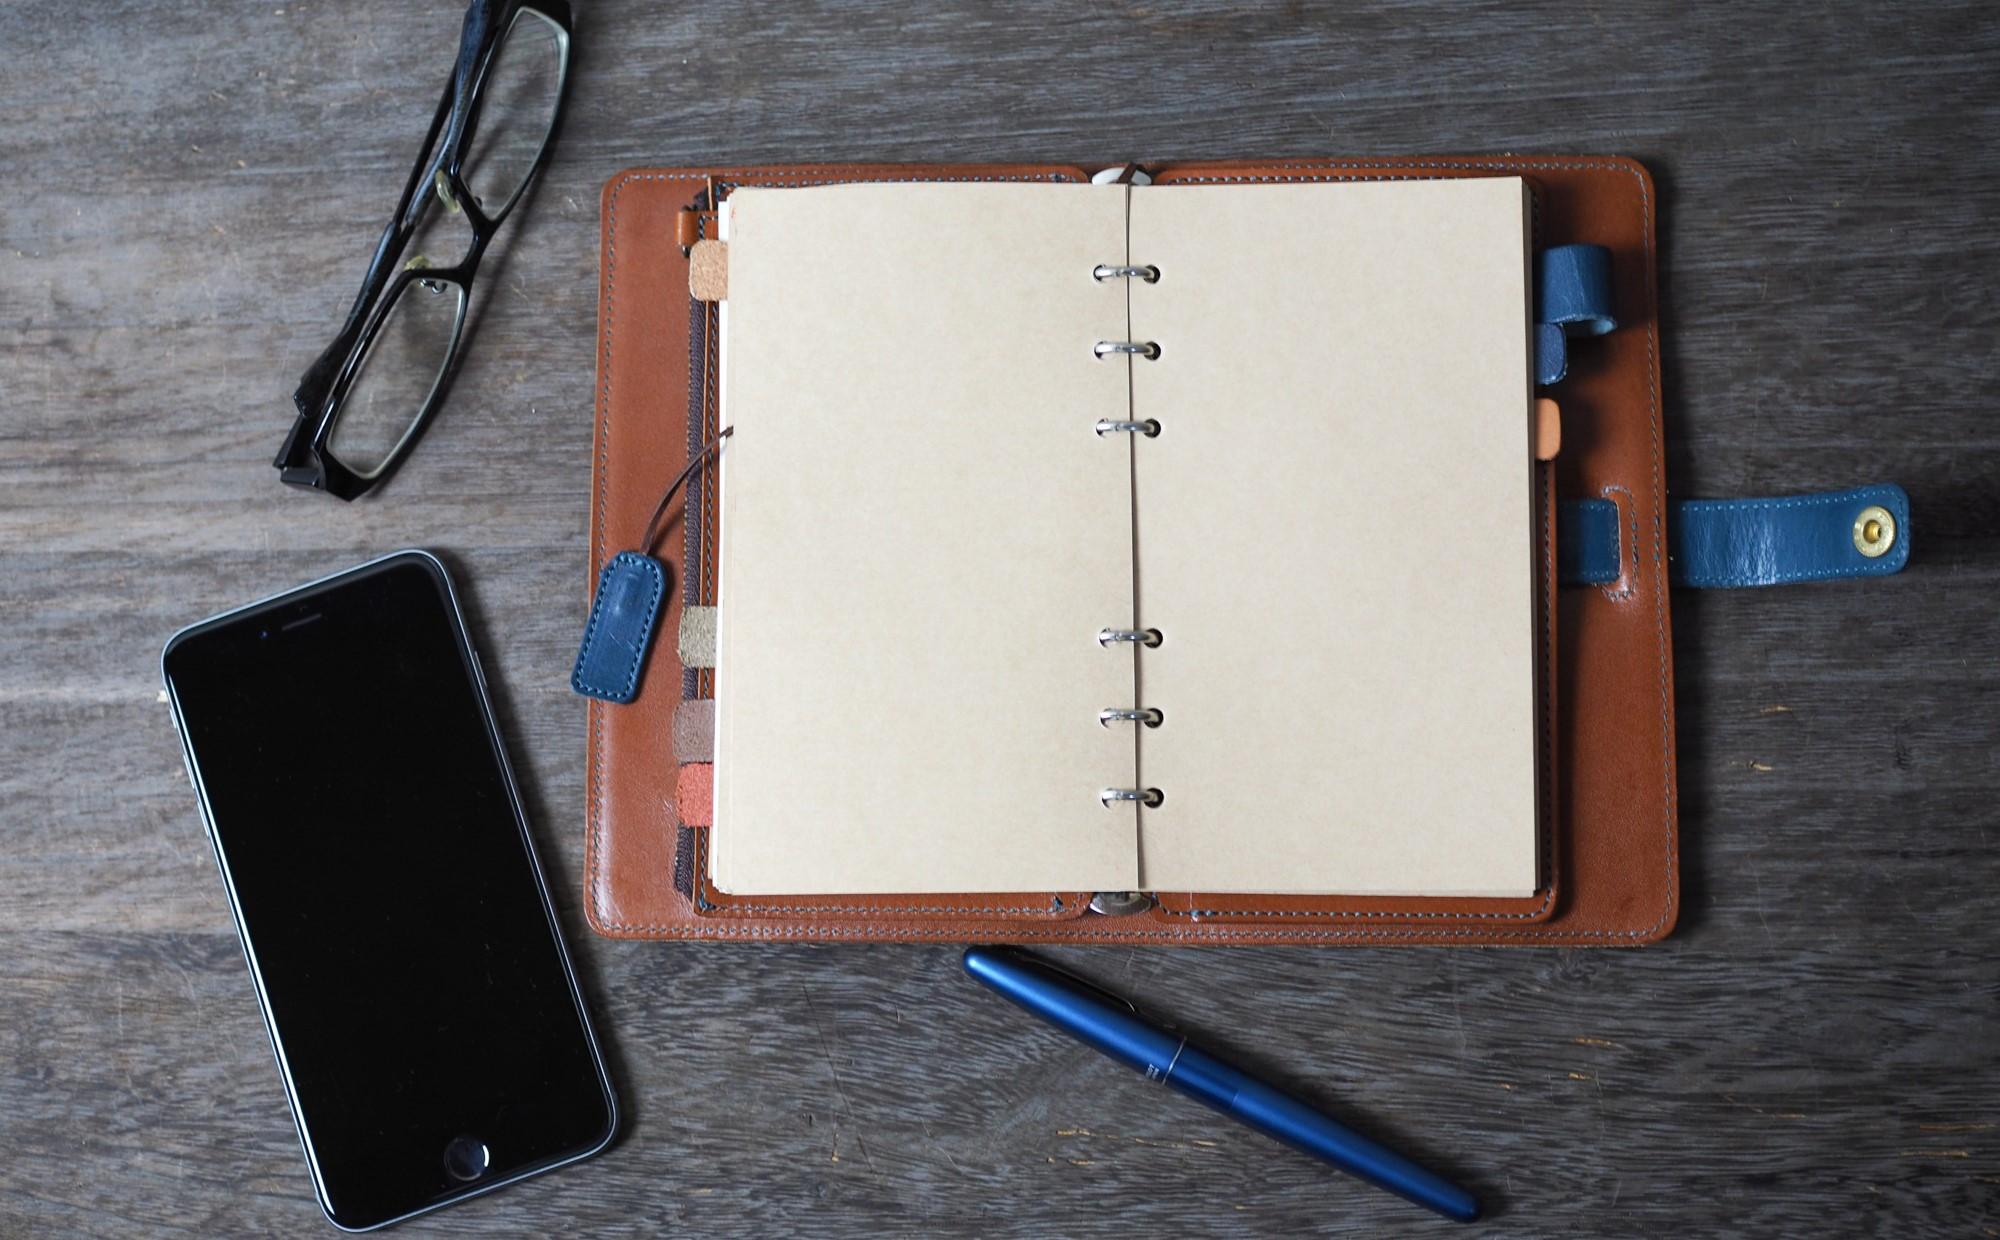 「手帳の活用が続かない」とお悩みの方へ、シンプルな2つの対処法